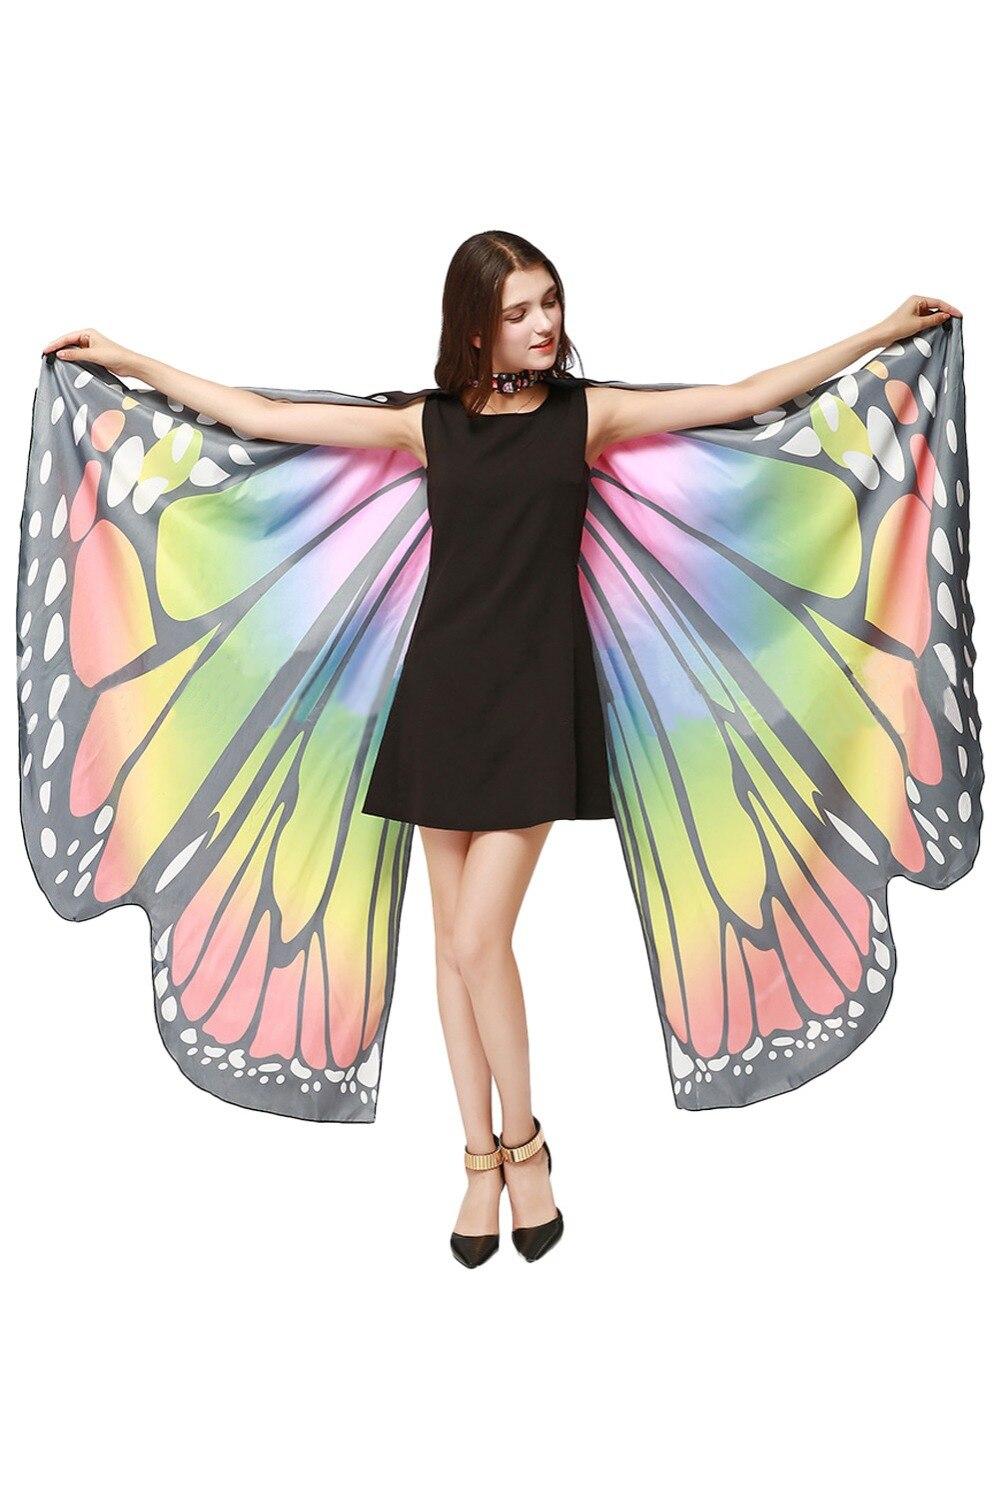 Пляжное платье с крыльями бабочки, костюм, маскарадный костюм, косплей-вечеринка для взрослых женщин, костюмы на Хэллоуин, карнавал, косплей